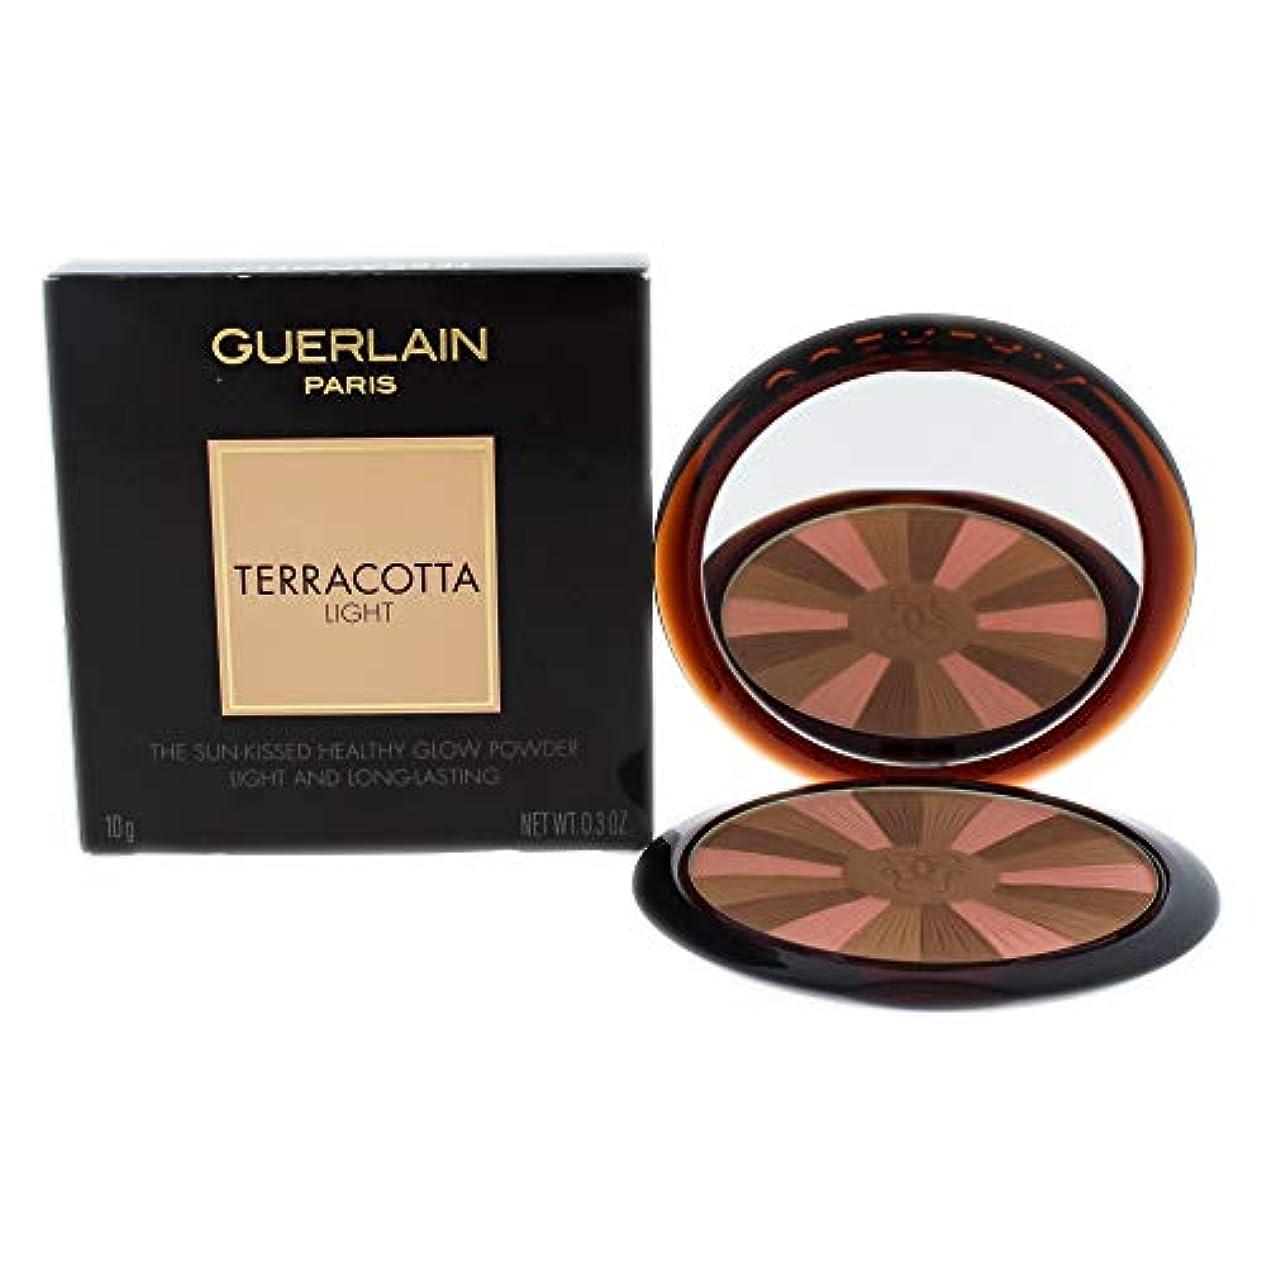 リゾート前兆拍車ゲラン Terracotta Light The Sun Kissed Healthy Glow Powder - # 02 Natural Cool 10g/0.3oz並行輸入品